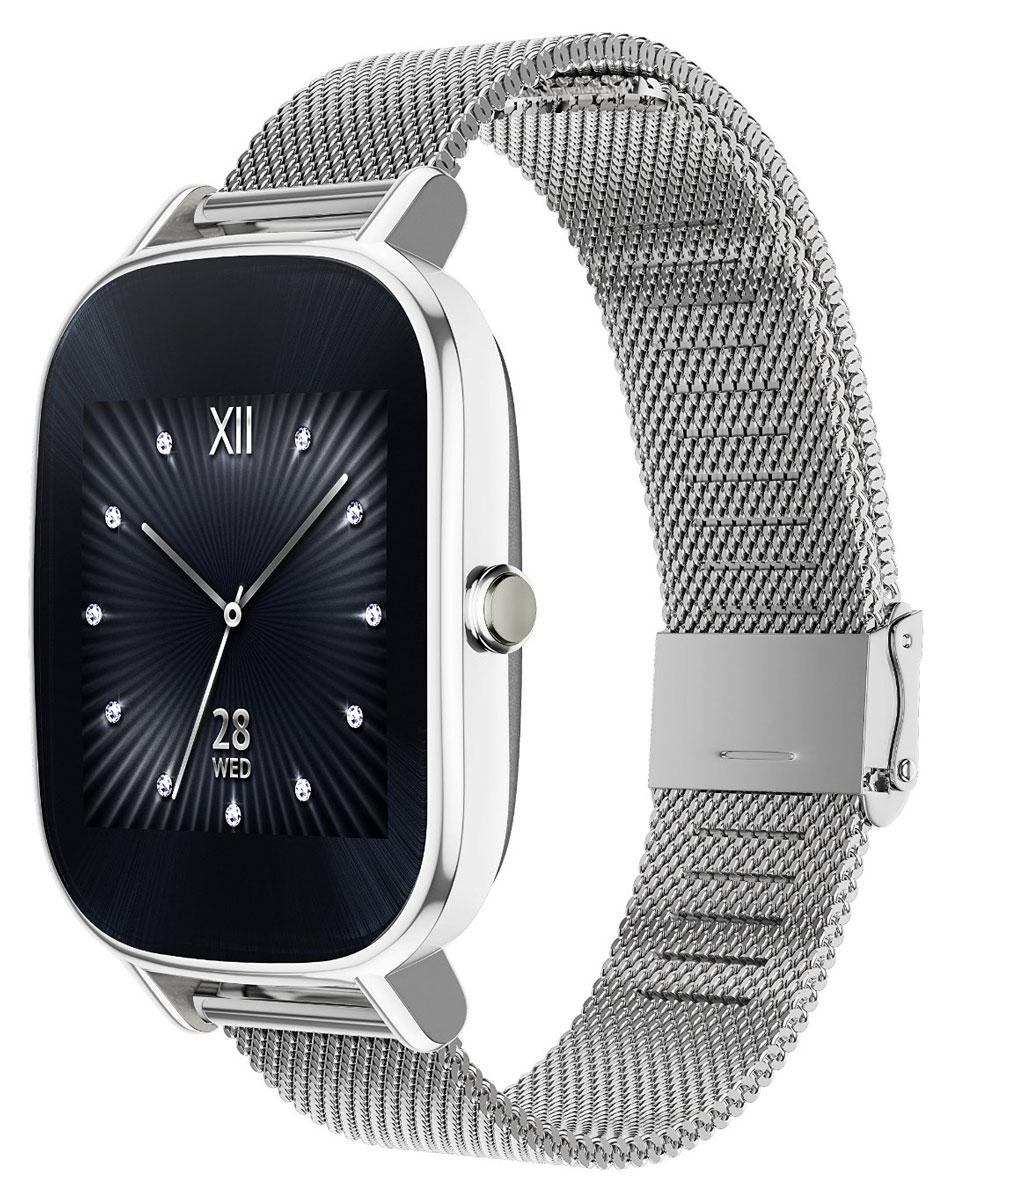 ASUS ZenWatch 2 WI502Q(BQC), Silver смарт-часы4712900359725Asus ZenWatch 2 - традиции и инновации в одном стильном устройстве. ZenWatch 2 - это стильные часы с мощной функциональностью. Корпус часов изготавливается из высококачественной нержавеющей стали. Отражая традиционный дизайн часов, на корпусе ZenWatch 2 имеется металлическая кнопка, которая используется в качестве элемента управления. Помимо 60 стандартных циферблатов можно создавать свои собственные варианты оформления экрана часов с помощью приложения FaceDesigner. С помощью часов ZenWatch 2 можно легко обмениваться короткими текстовыми сообщениями, смайликами и рисунками с друзьями и близкими. Просматривайте важную информацию и реагируйте на нее простым прикосновением к экрану или с помощью голосовой команды. Встроенный в часы шагомер обладает высокой точностью, позволяя пользователю следить за своей физической активностью и прогрессом в достижении фитнес-целей. Также имеется функция мониторинга сна. ...